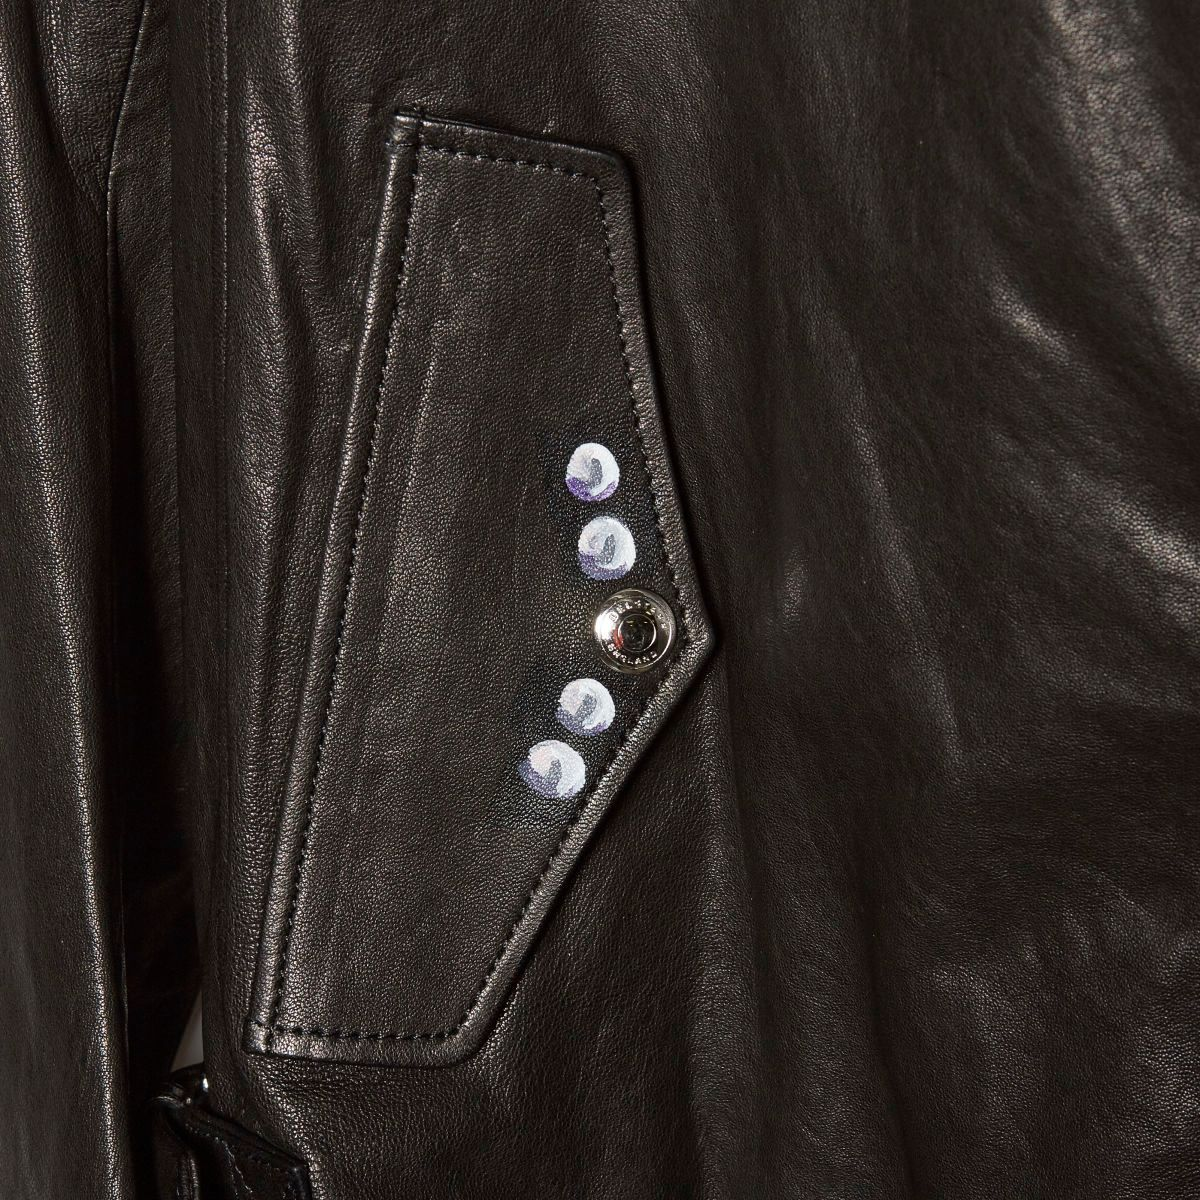 Jacket 1 detail